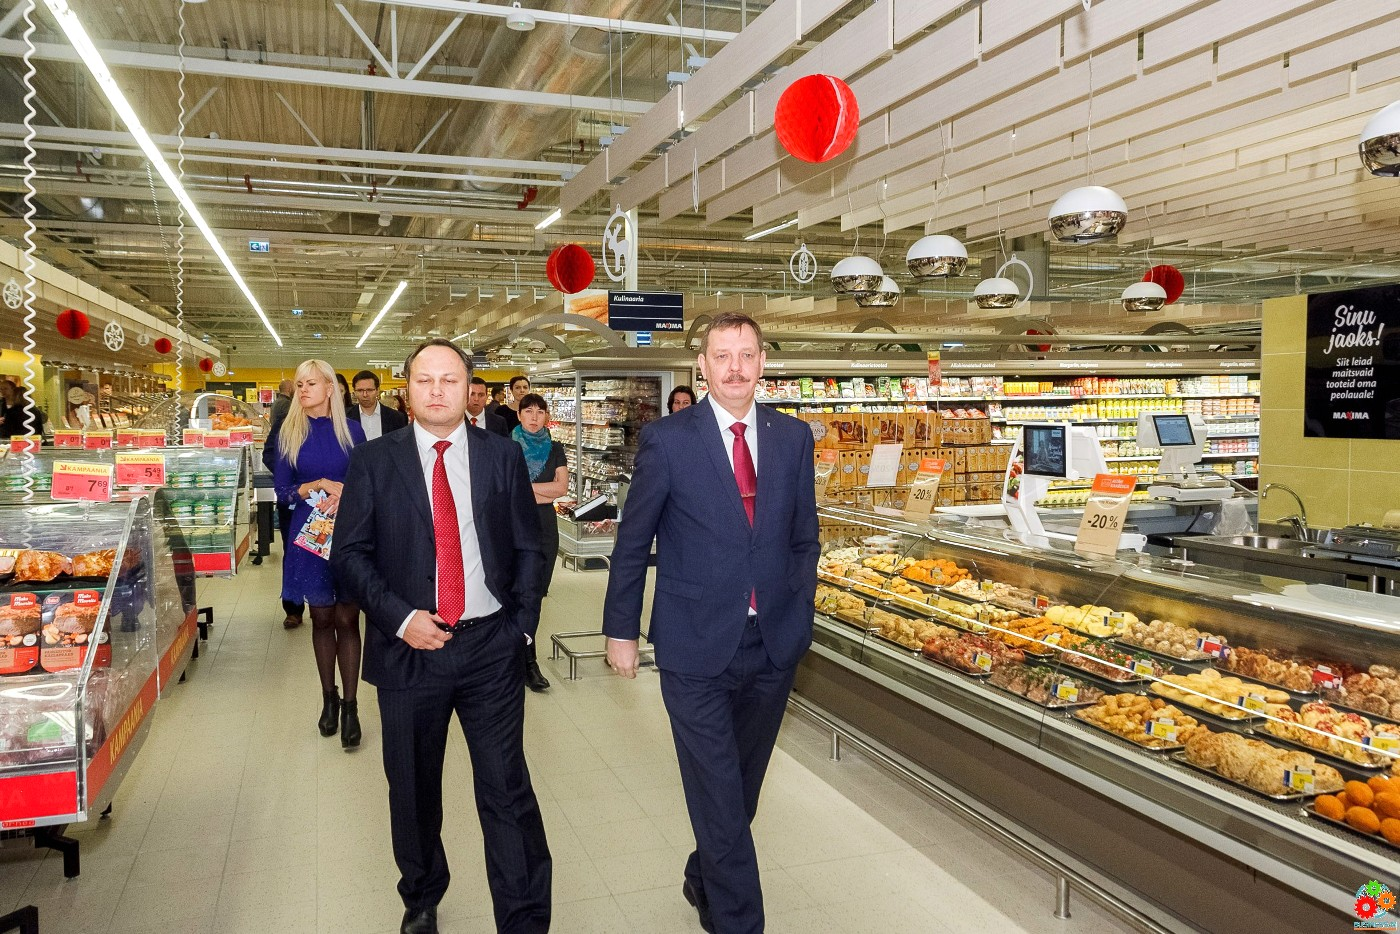 Питер анкетой в супермаркете ххх подглядывание общественном